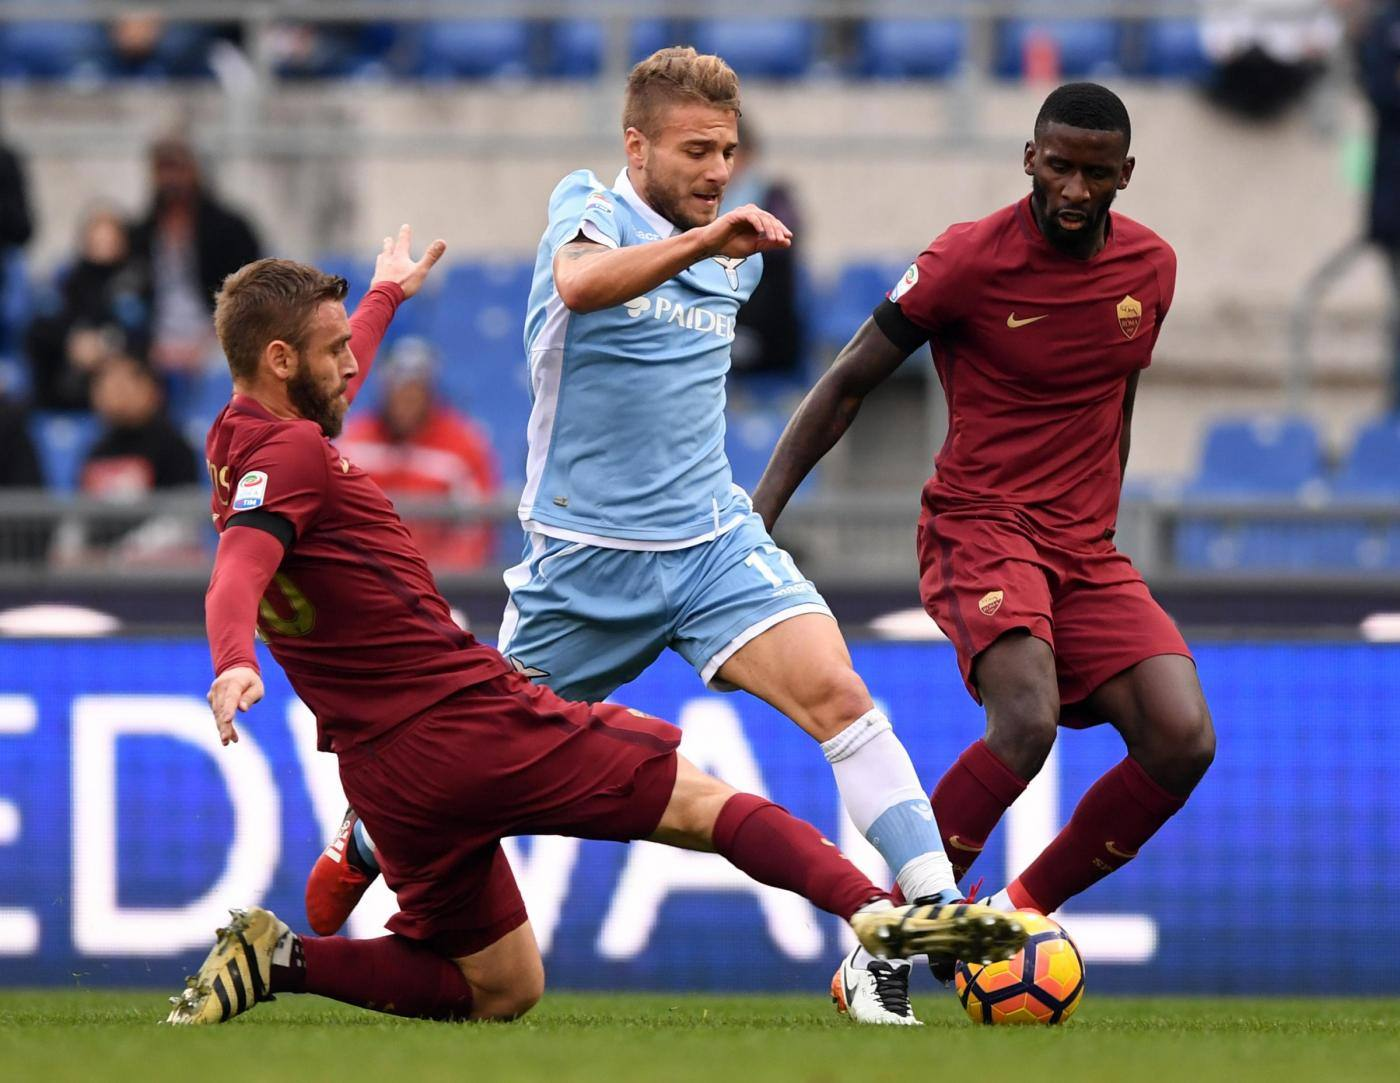 Serie A, la Roma si aggiudica il derby con la Lazio